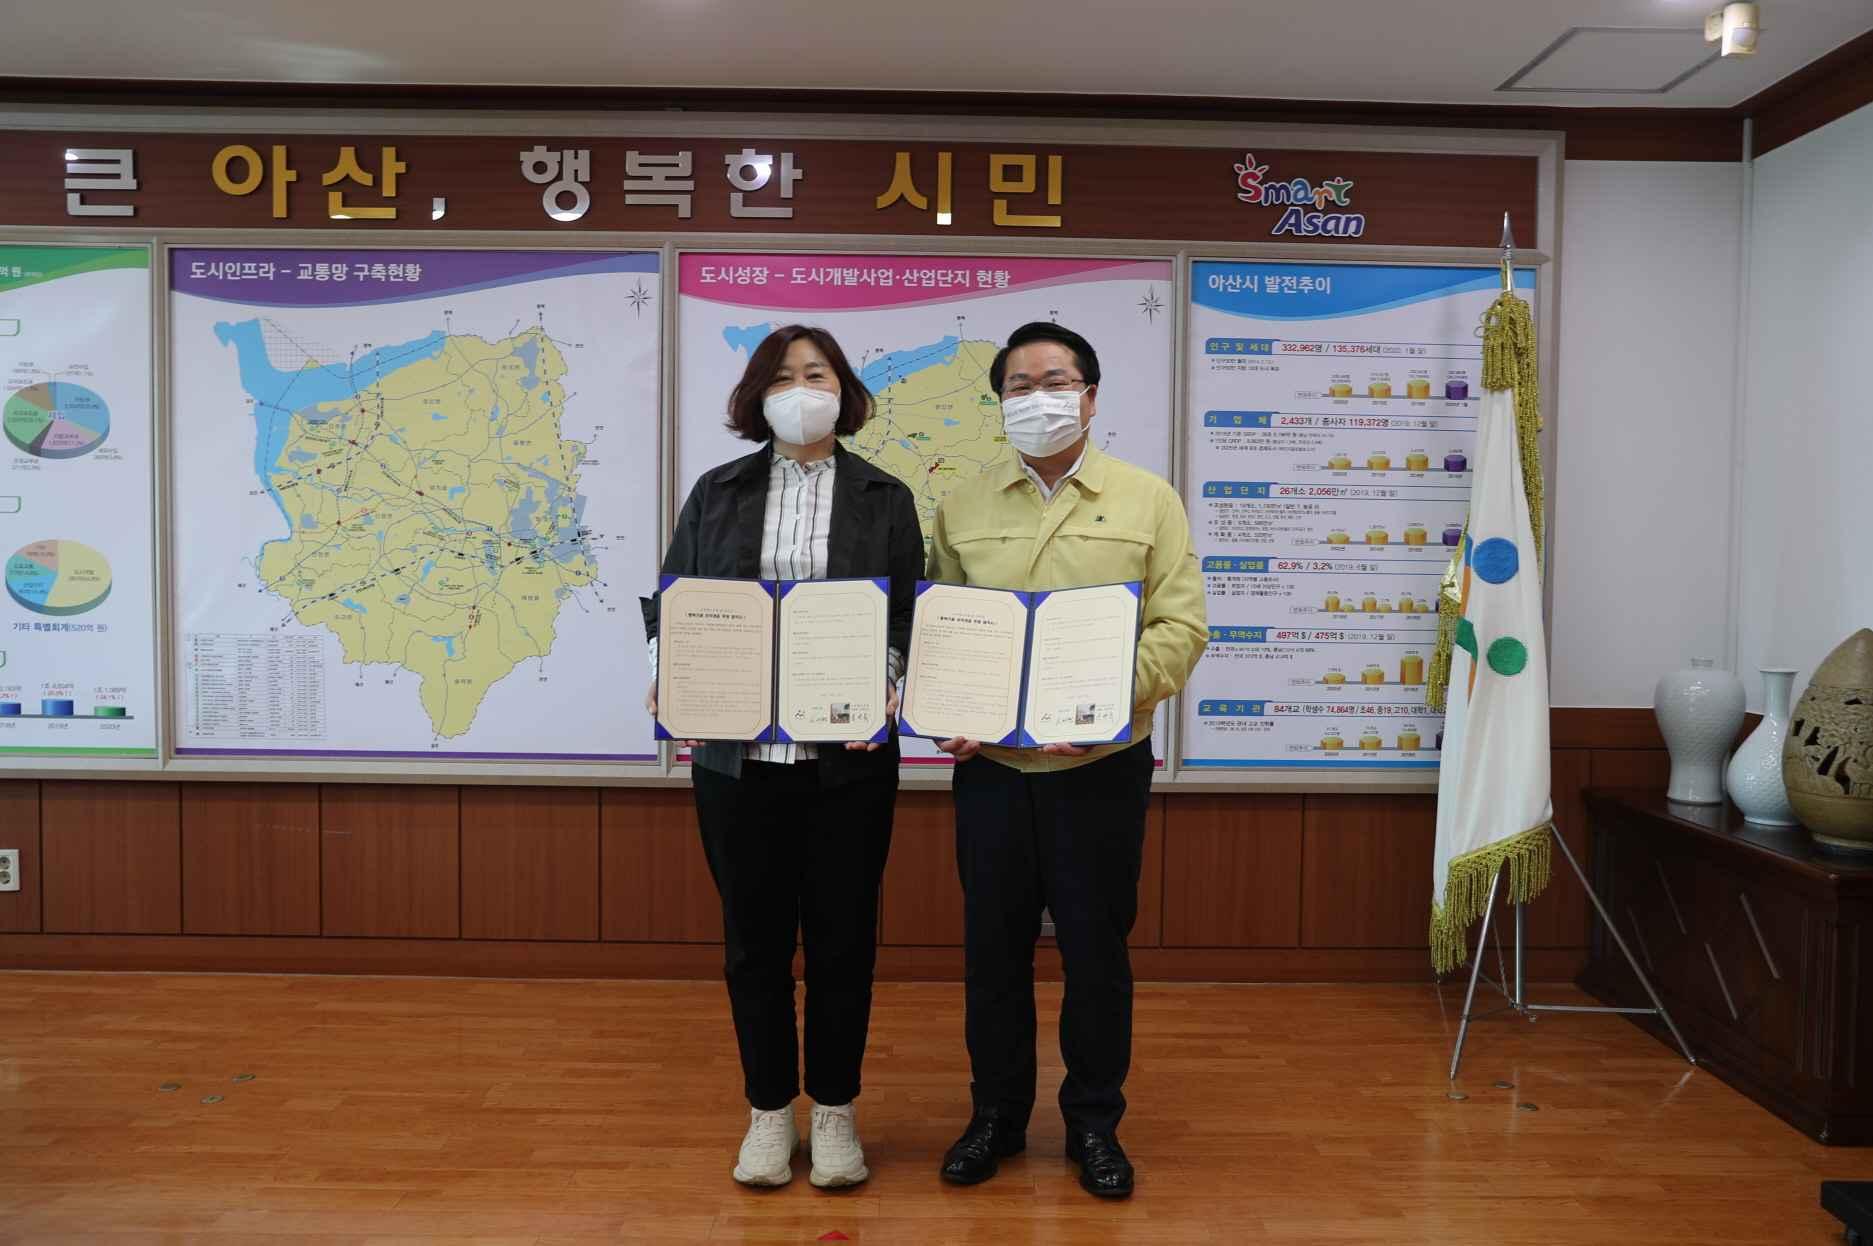 아산시, 금강씽크공장과 취약계층 싱크대 교체지원 협약 체결 관련사진